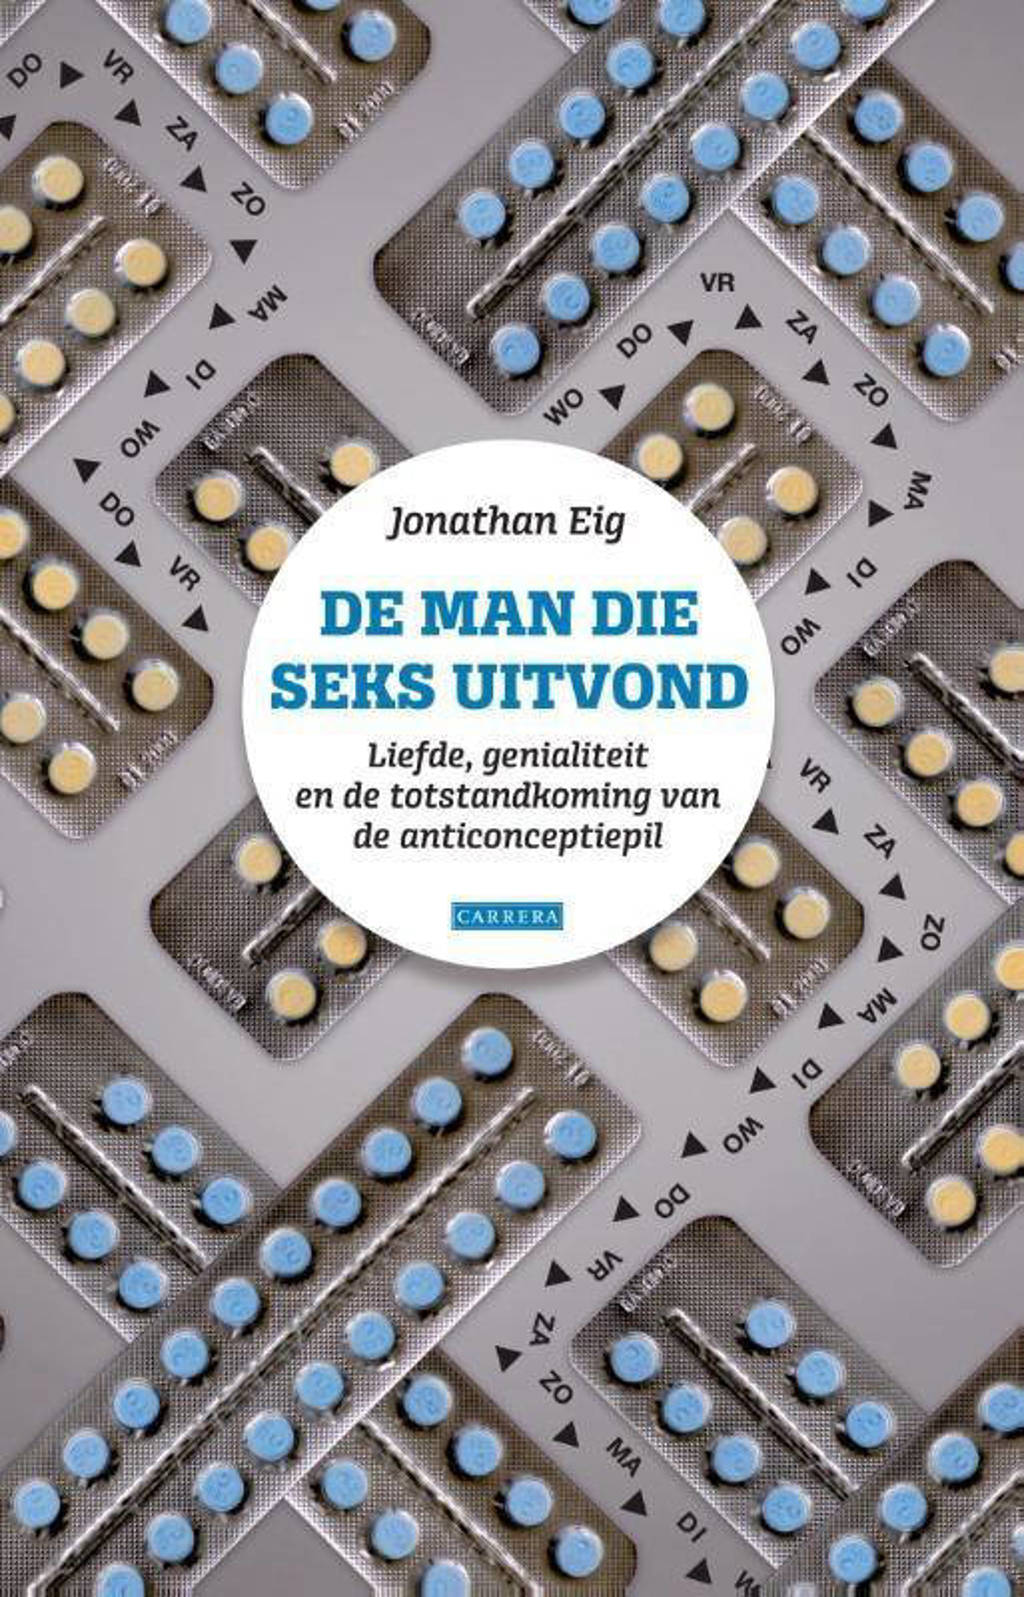 De man die seks uitvond - Jonathan Eig